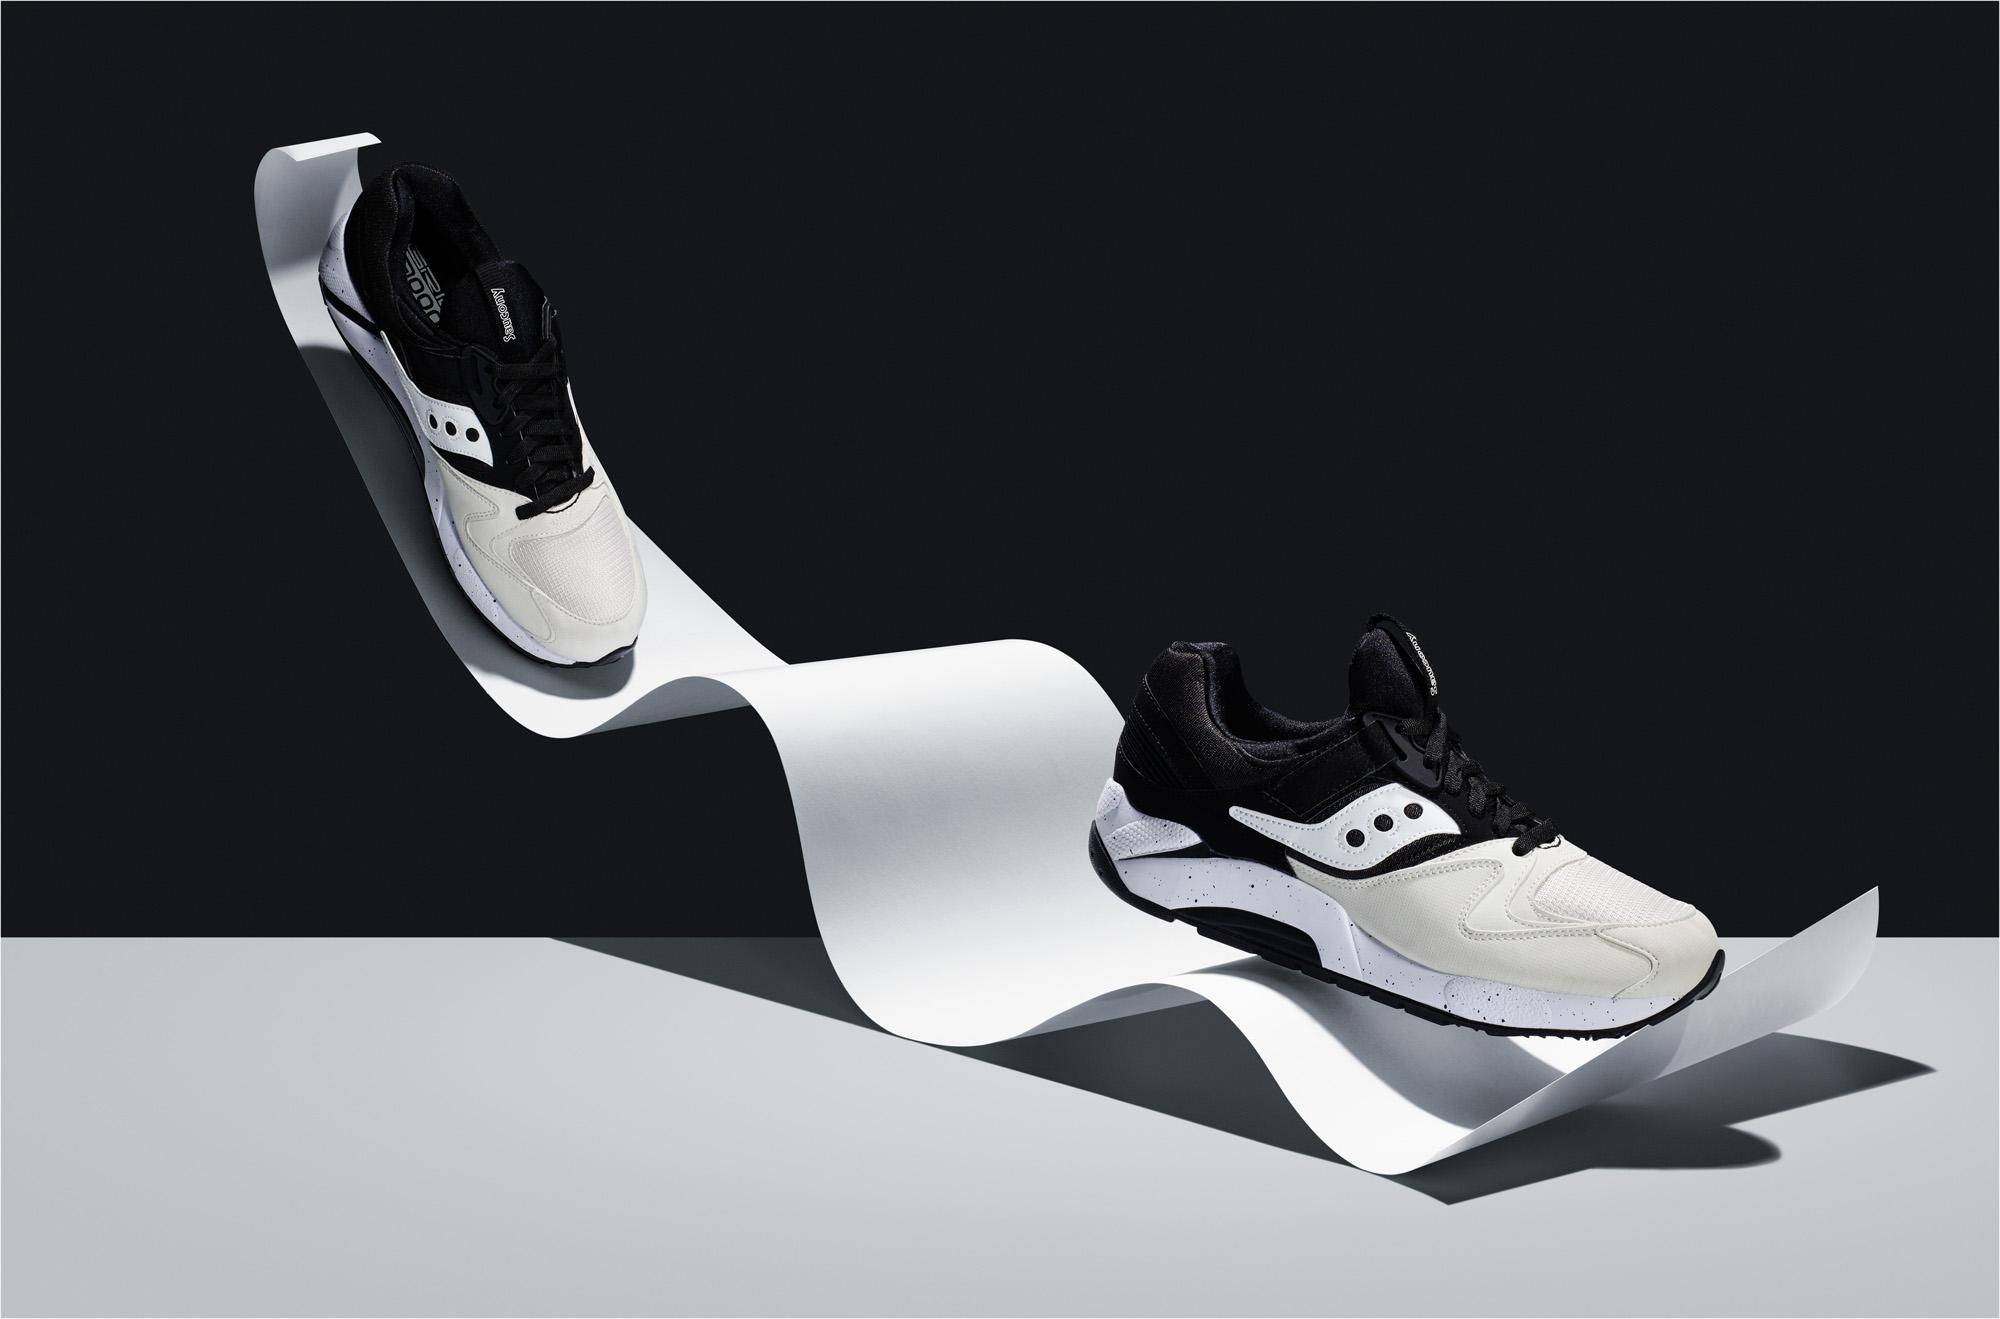 Sneakers Magazine